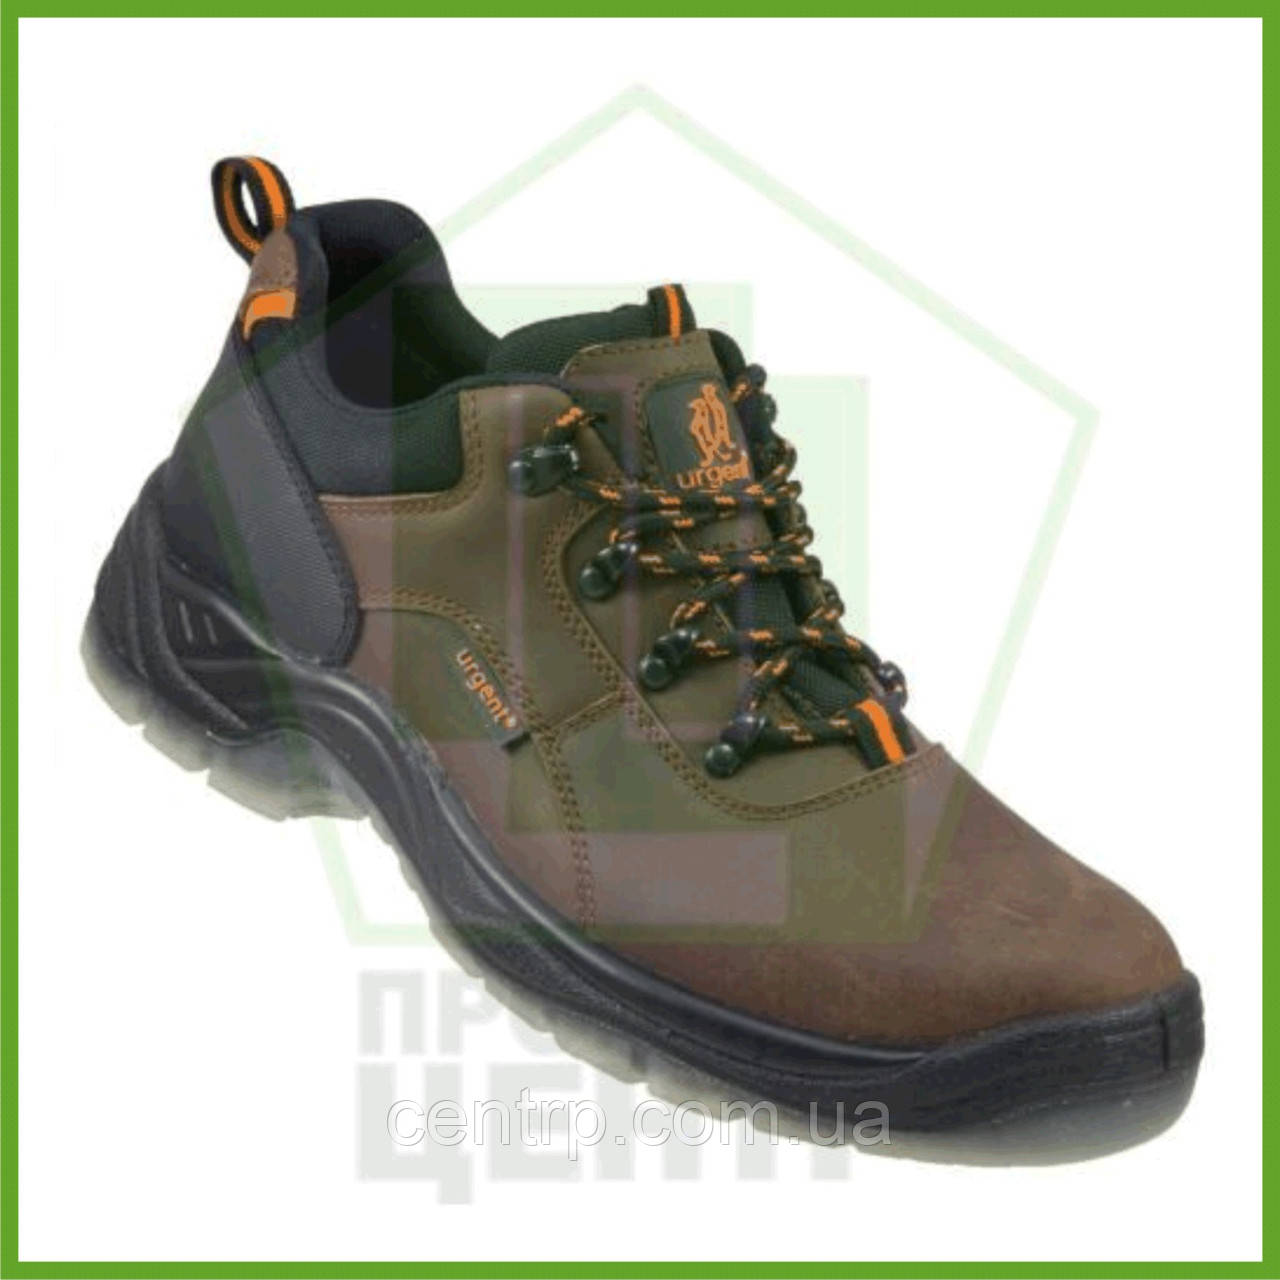 Туфли рабочие кожаные с металлическим носком URGENT 220 S1 (натур.нубук)